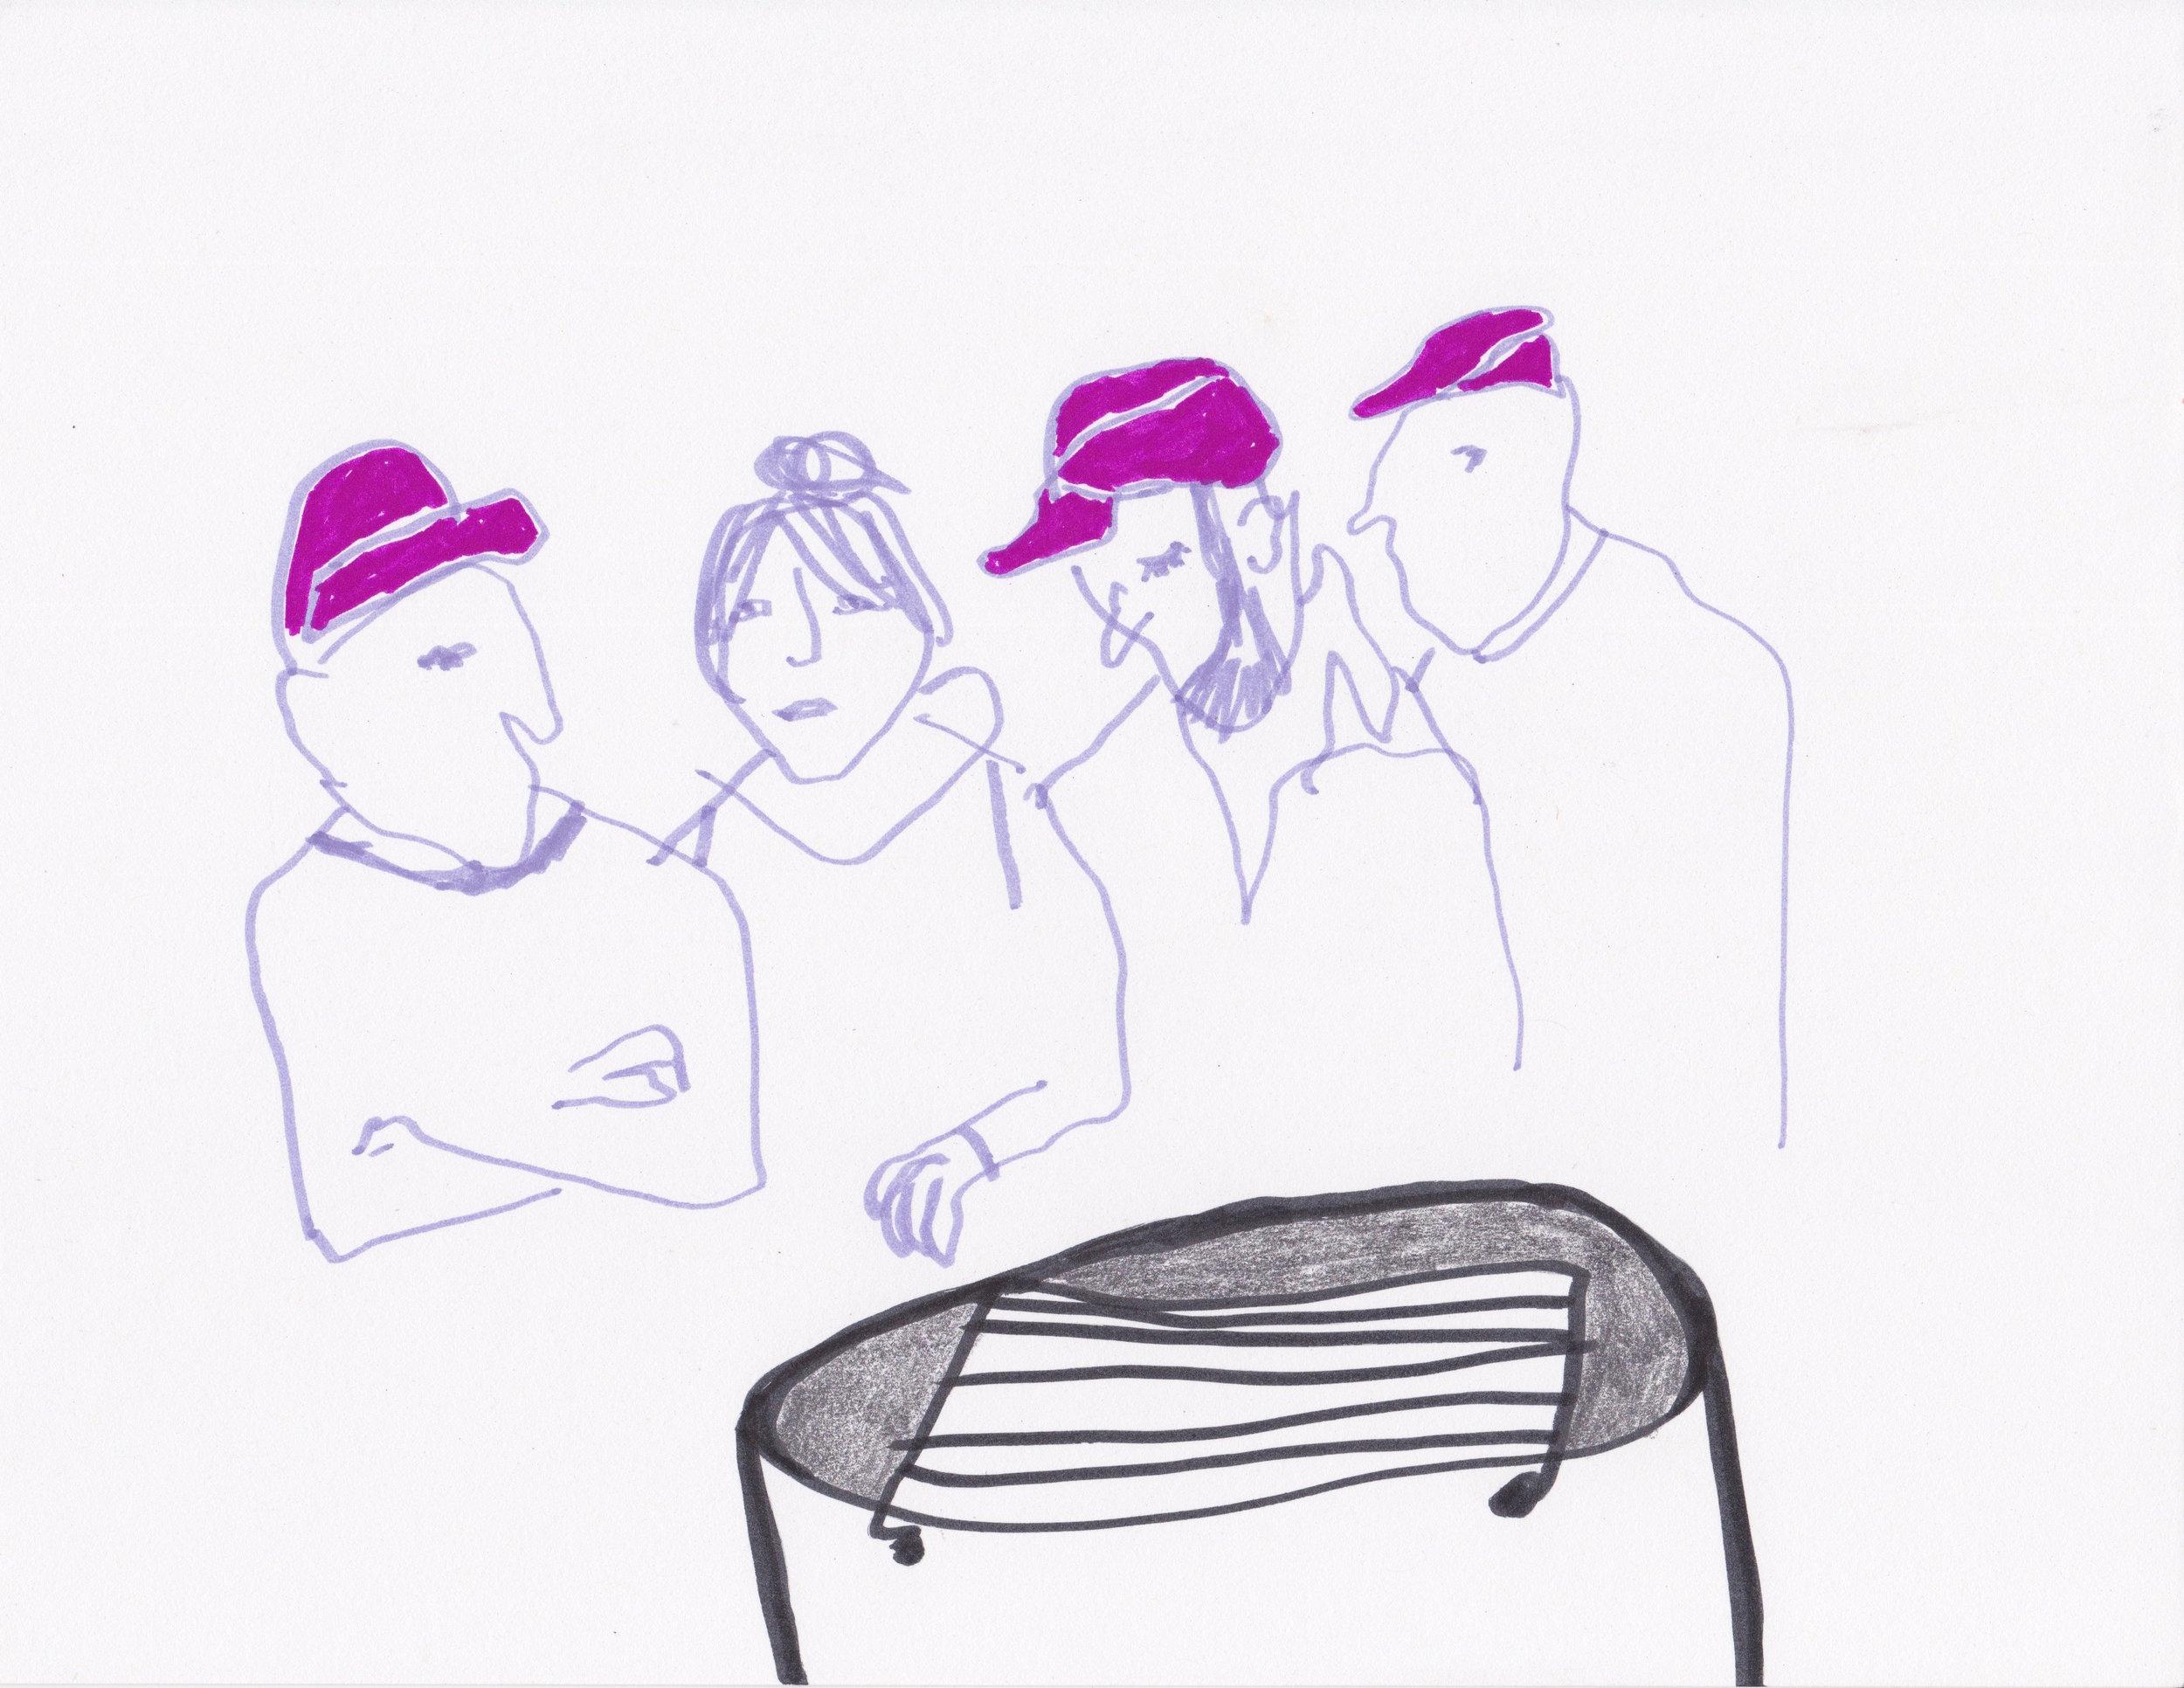 Roz Crews Drawings Summer 2018 3.jpeg